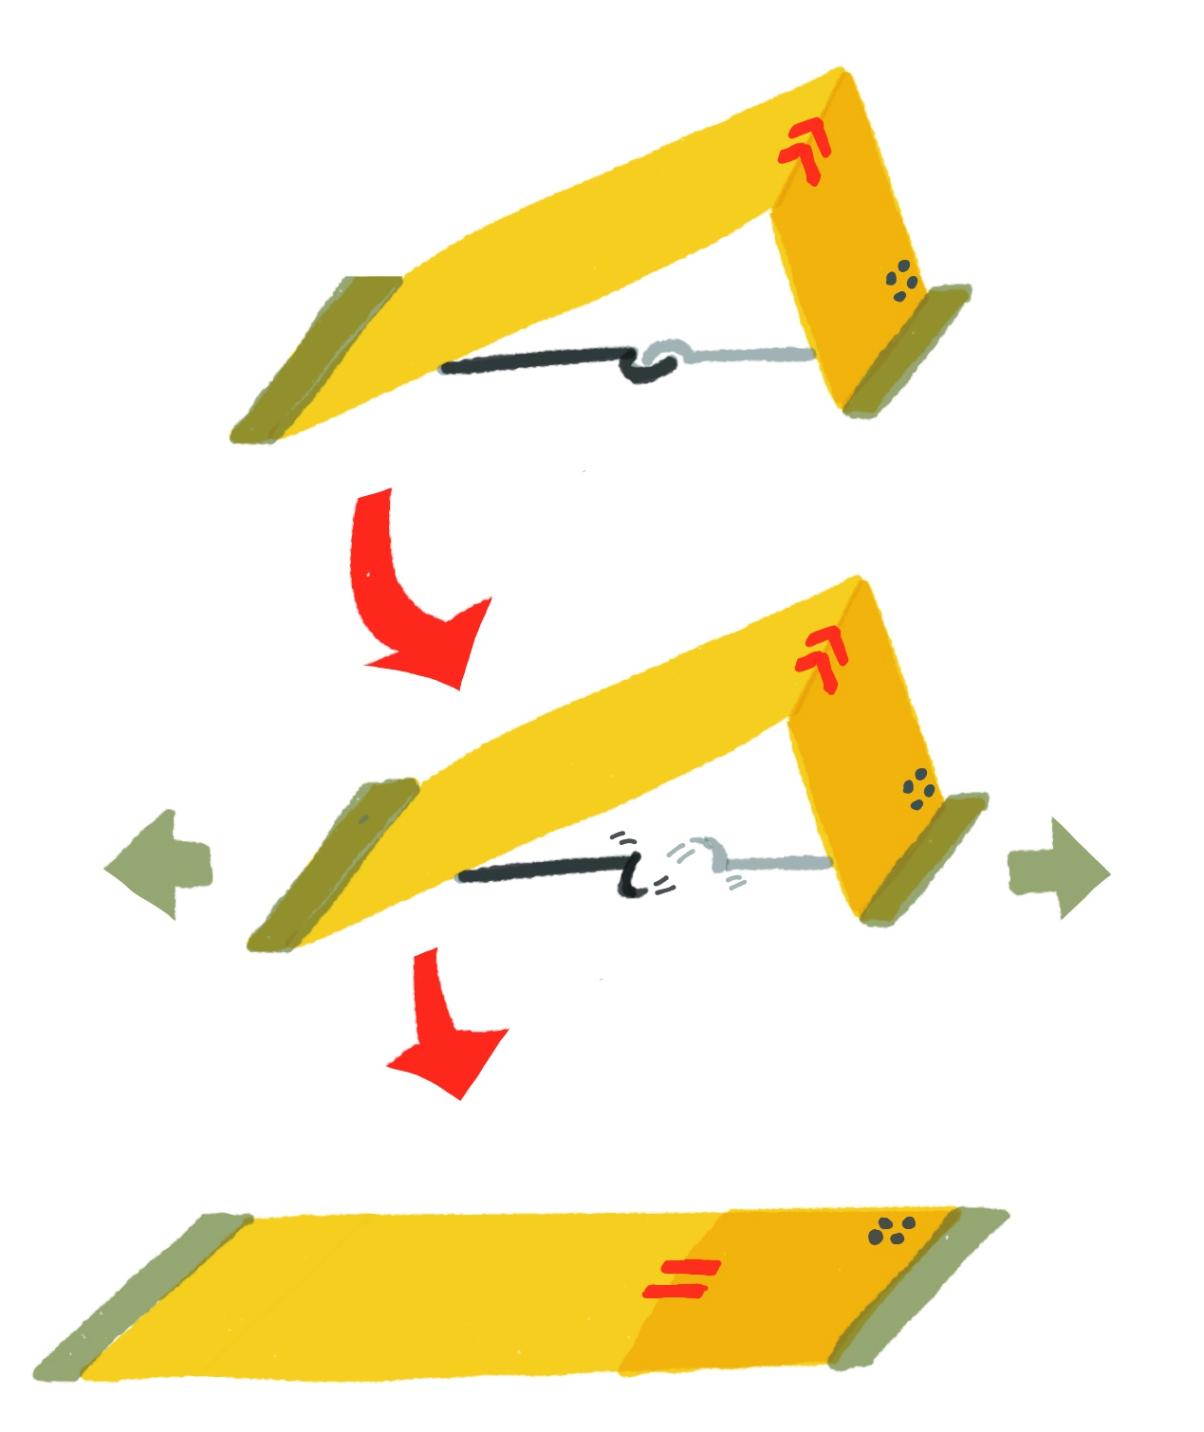 doorstop-diagram.png